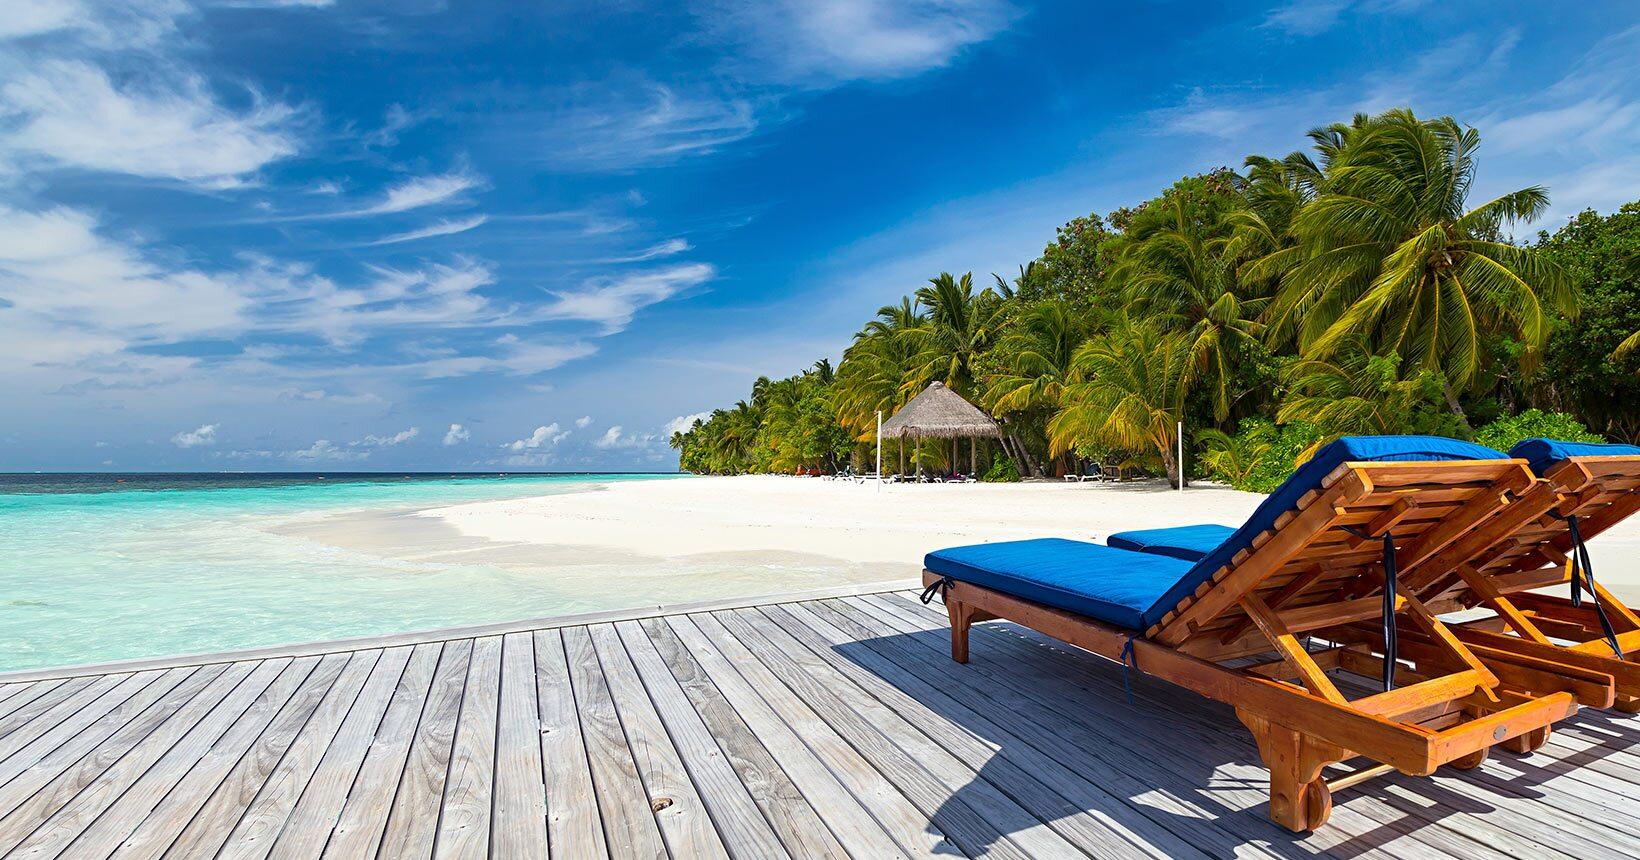 Como é viajar para as Ilhas Maldivas? Custos, transportes, praias, hotéis e muitas dicas!